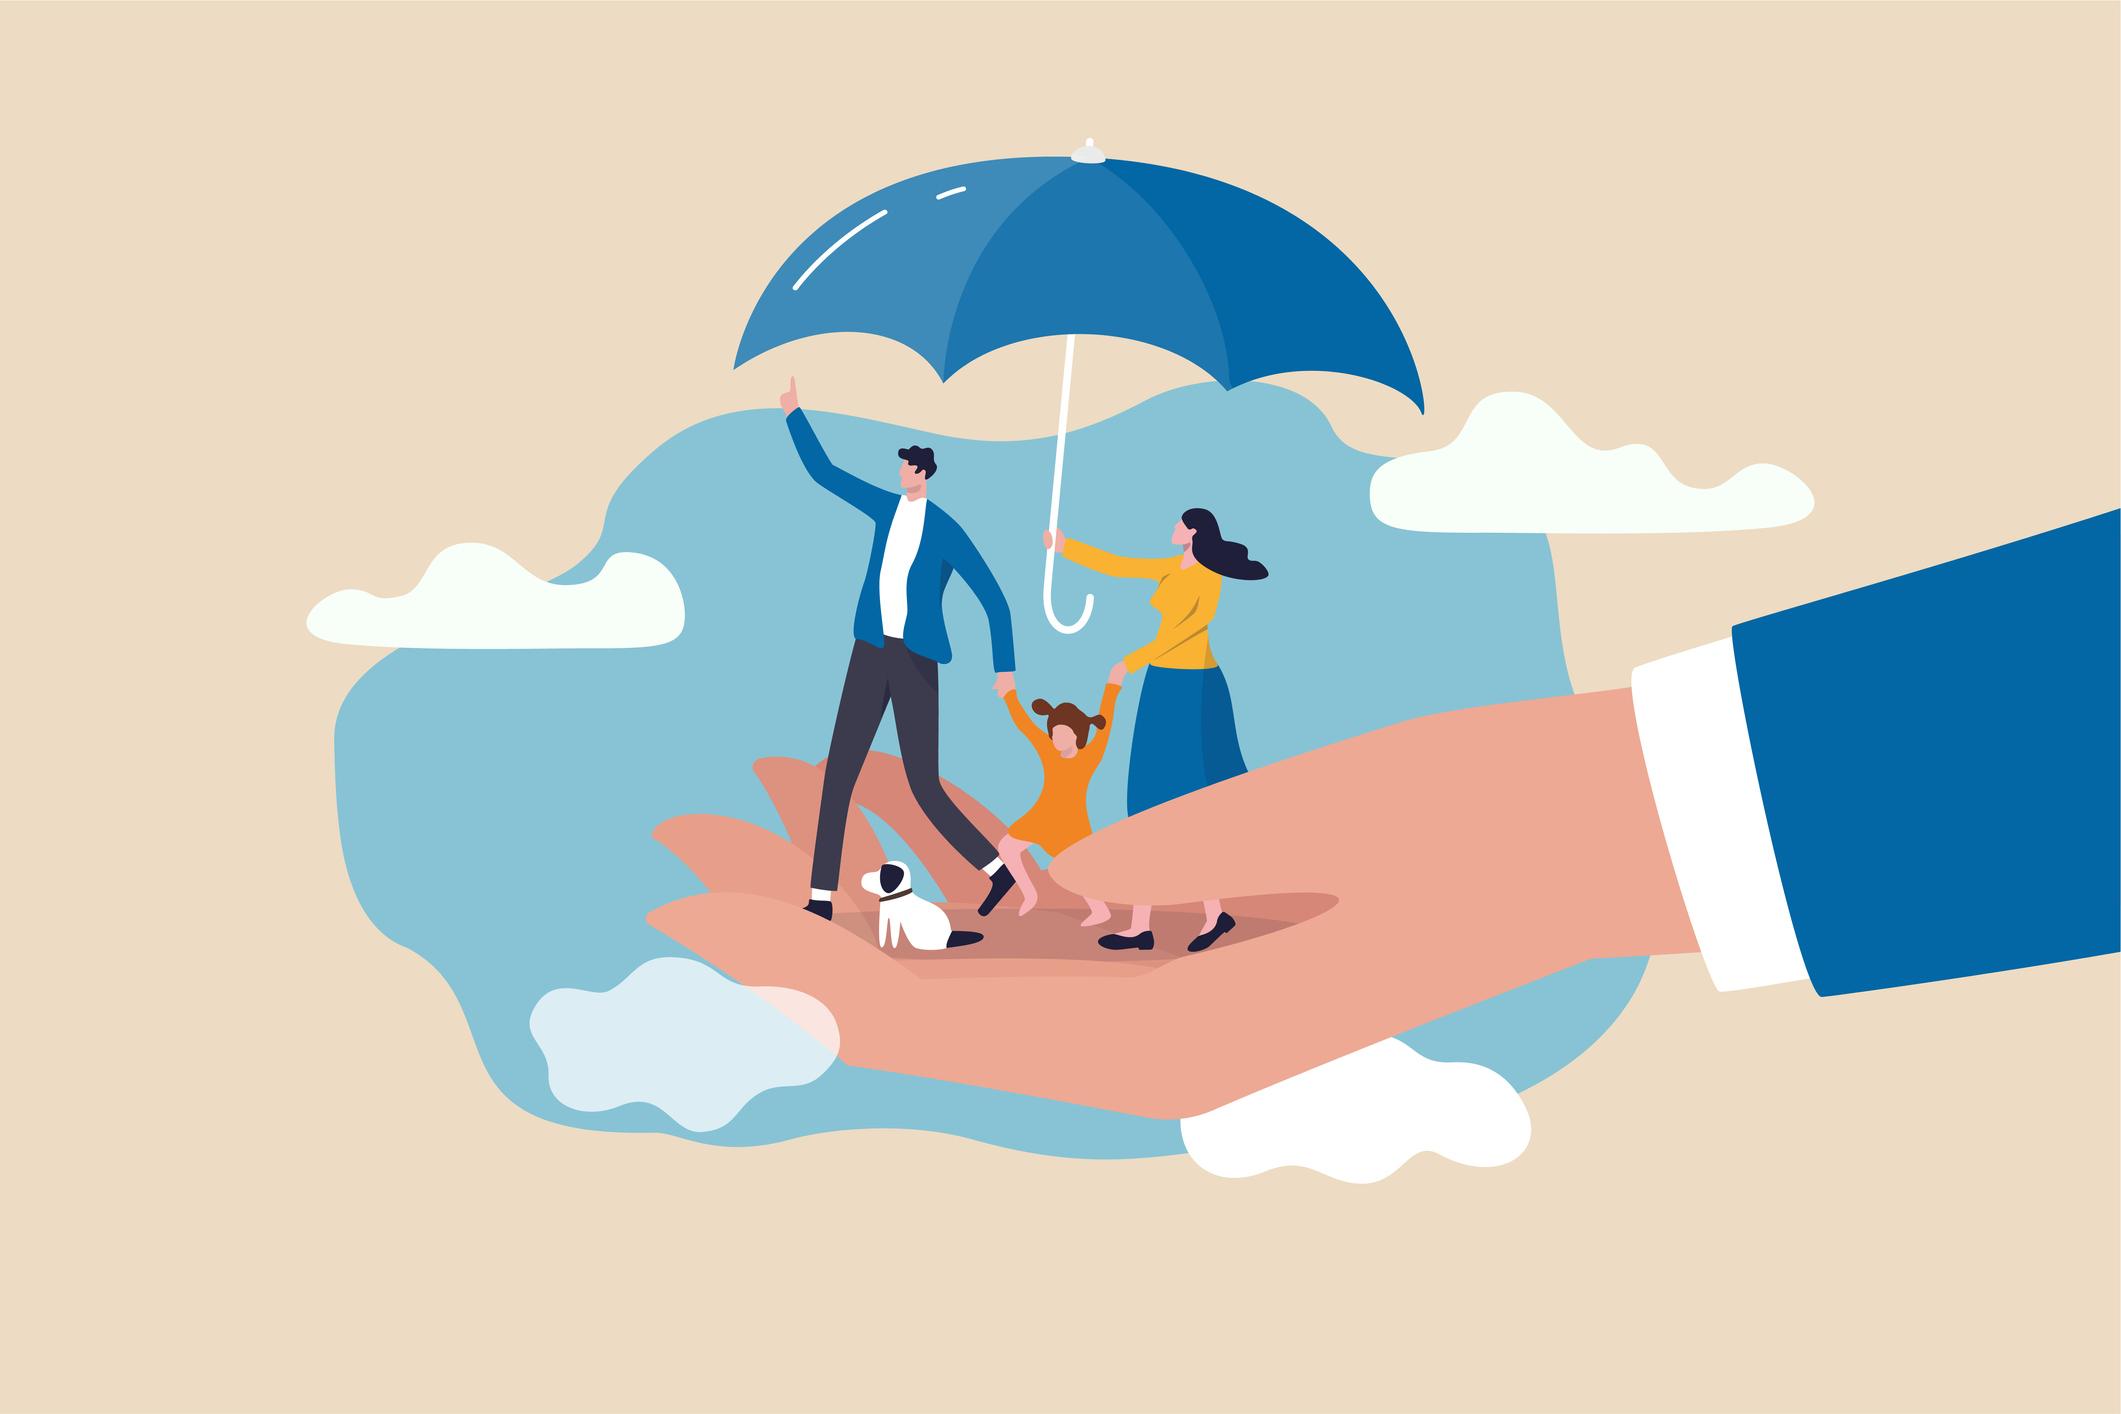 Tham gia bảo hiểm nhân thọ lâu dài giúp bạn bảo vệ bản thân, đạt được mục tiêu tài chính. Ảnh: metro.co.uk.